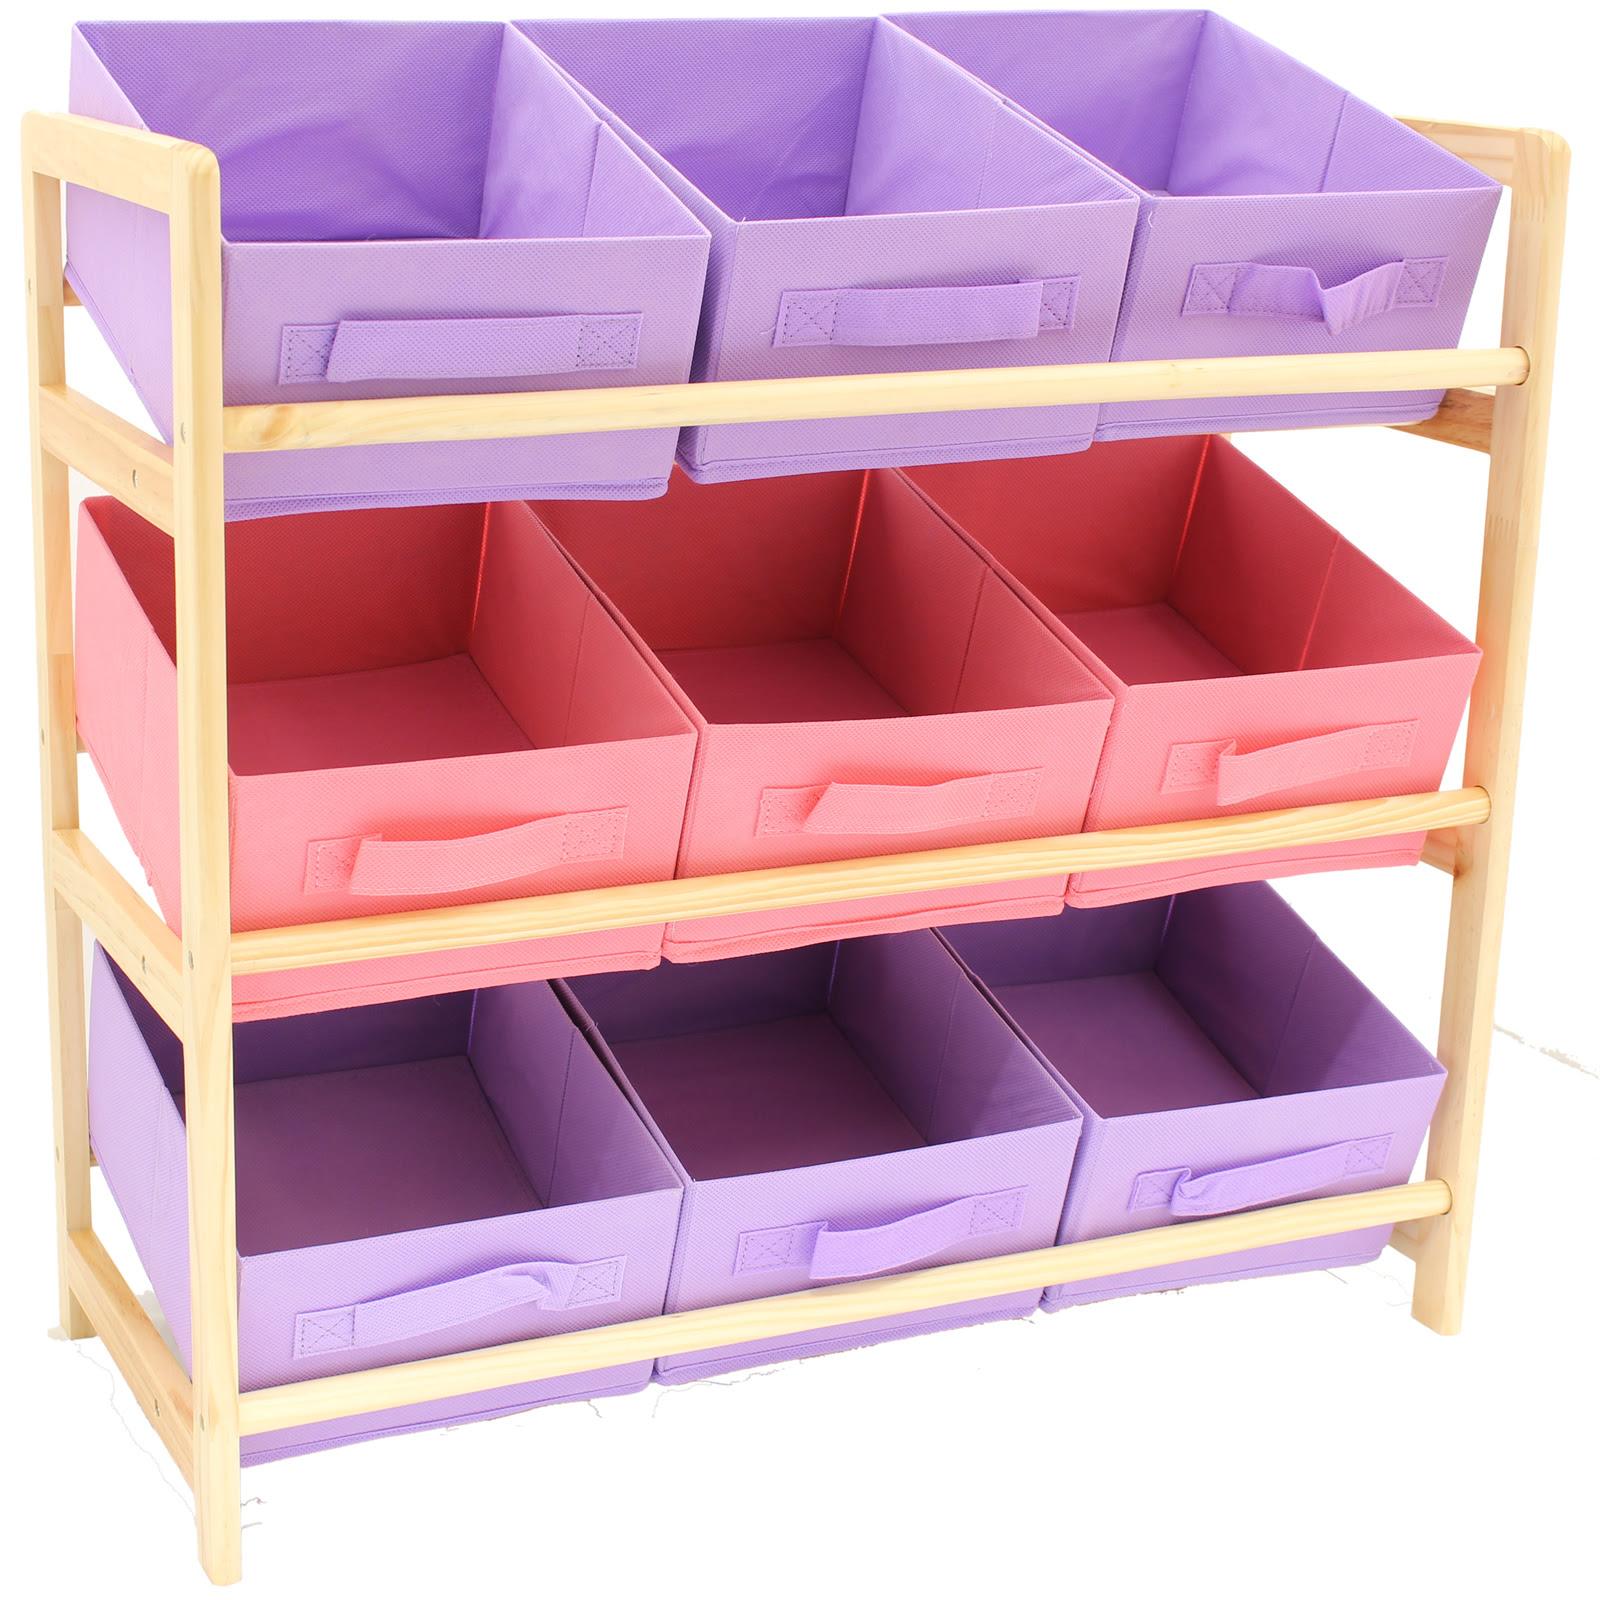 Hartleys 3 Tier Storage Shelf Unit Kids Childrens Bedroom ...